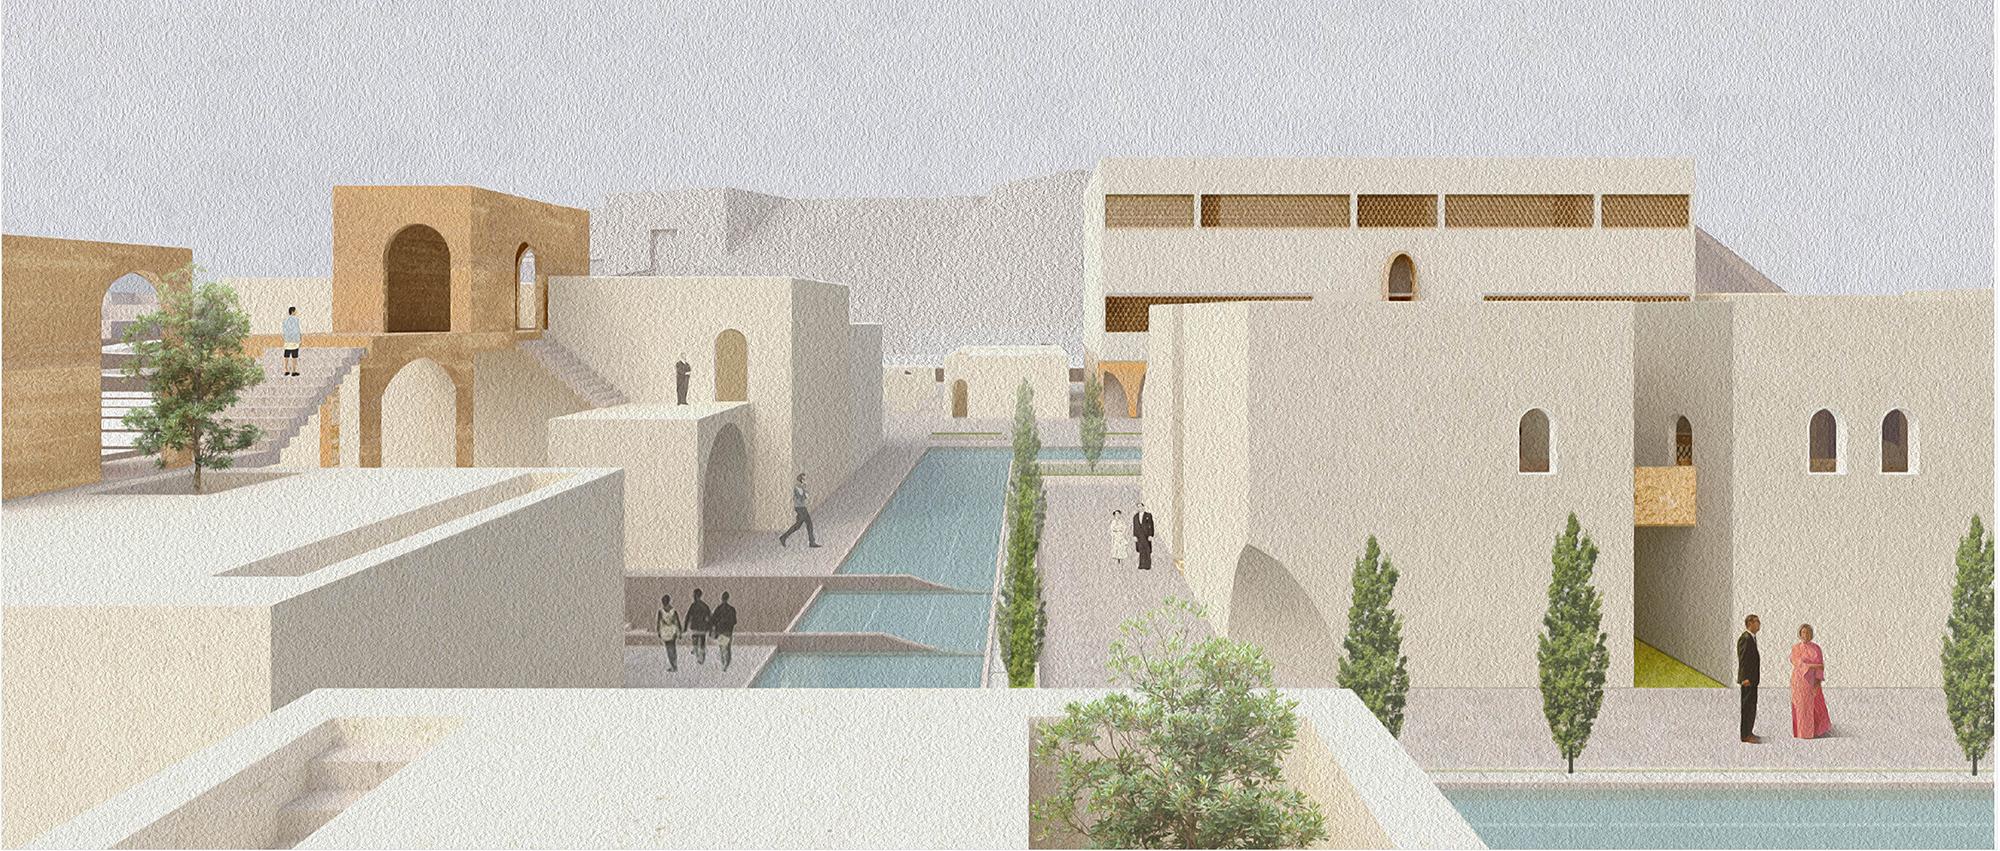 """残垣塑明:""""记忆-重聚叙利亚""""公共建筑国际竞赛"""